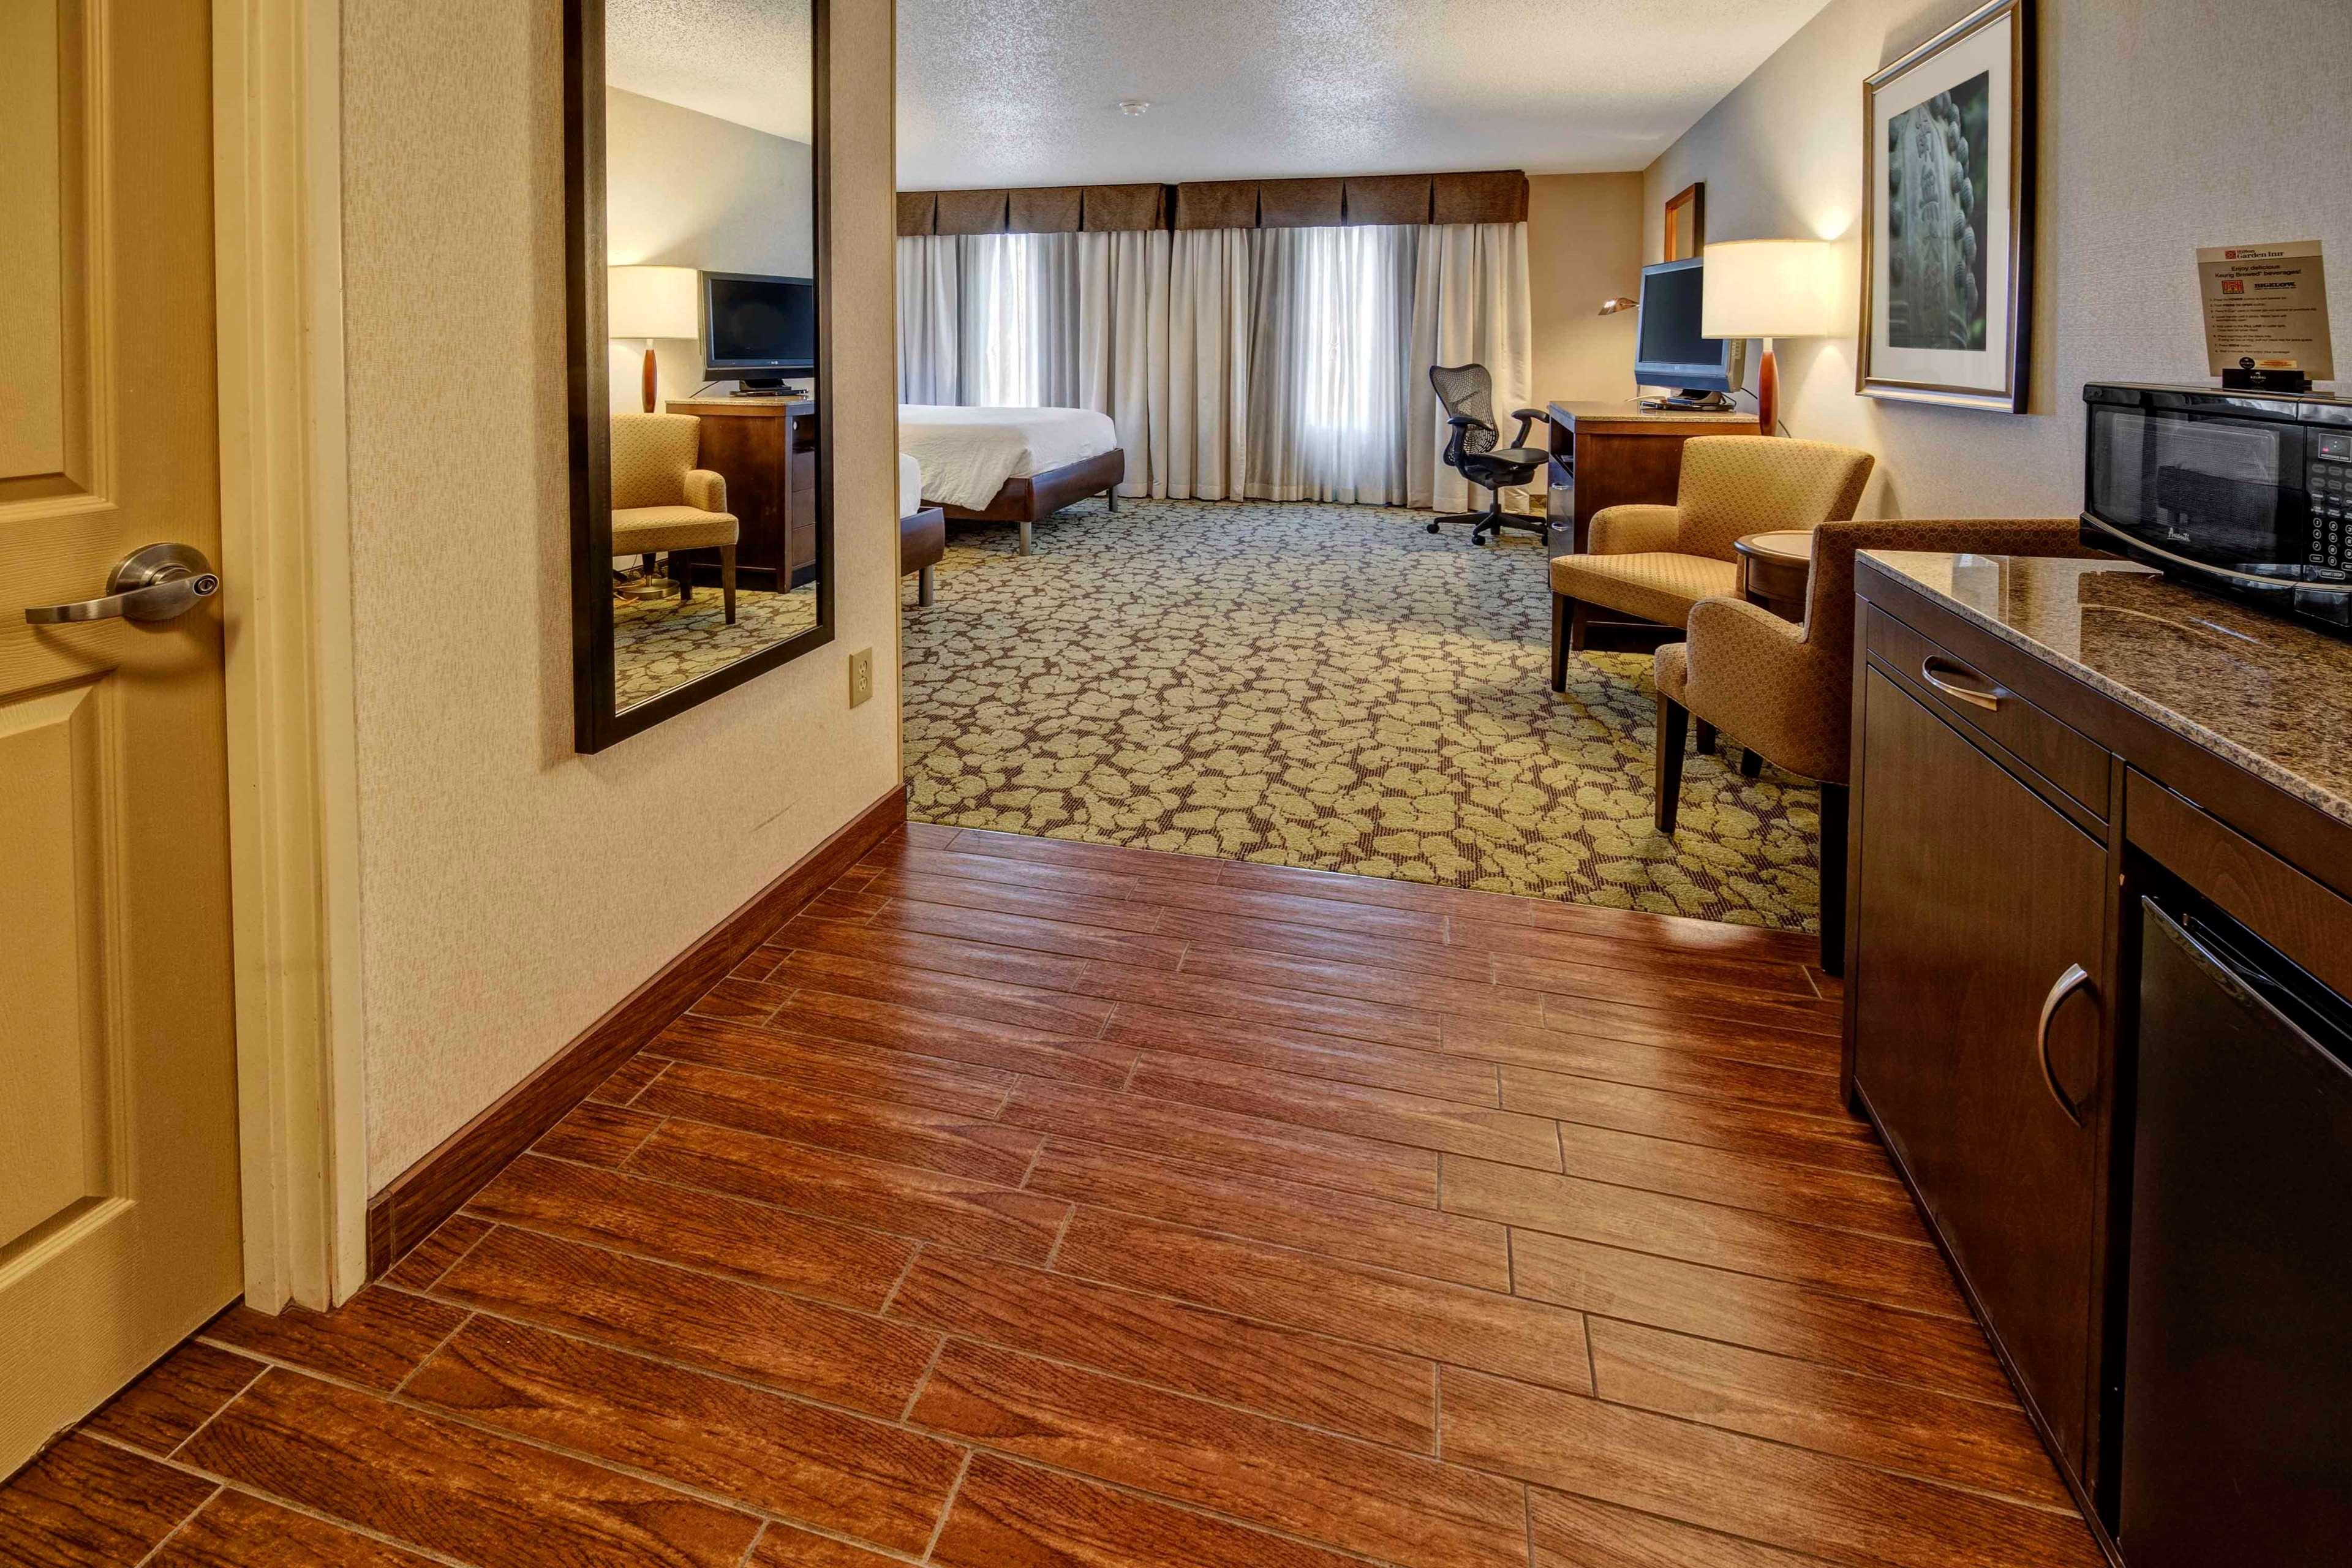 Hilton Garden Inn Minneapolis/Eden Prairie image 20